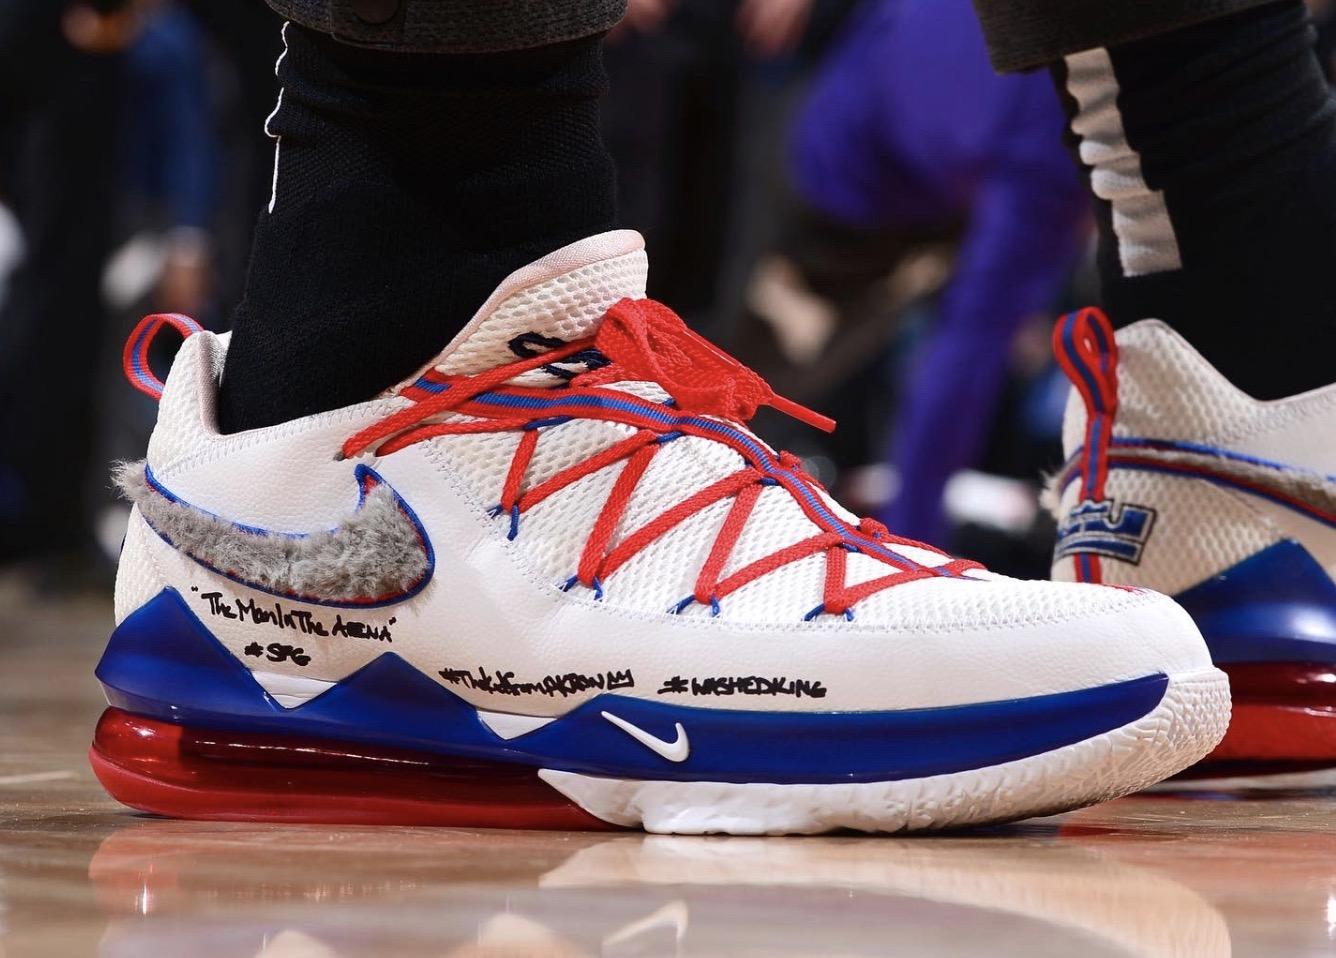 今日球鞋:库兹马上脚Puma新款,詹姆斯上脚LeBron 17